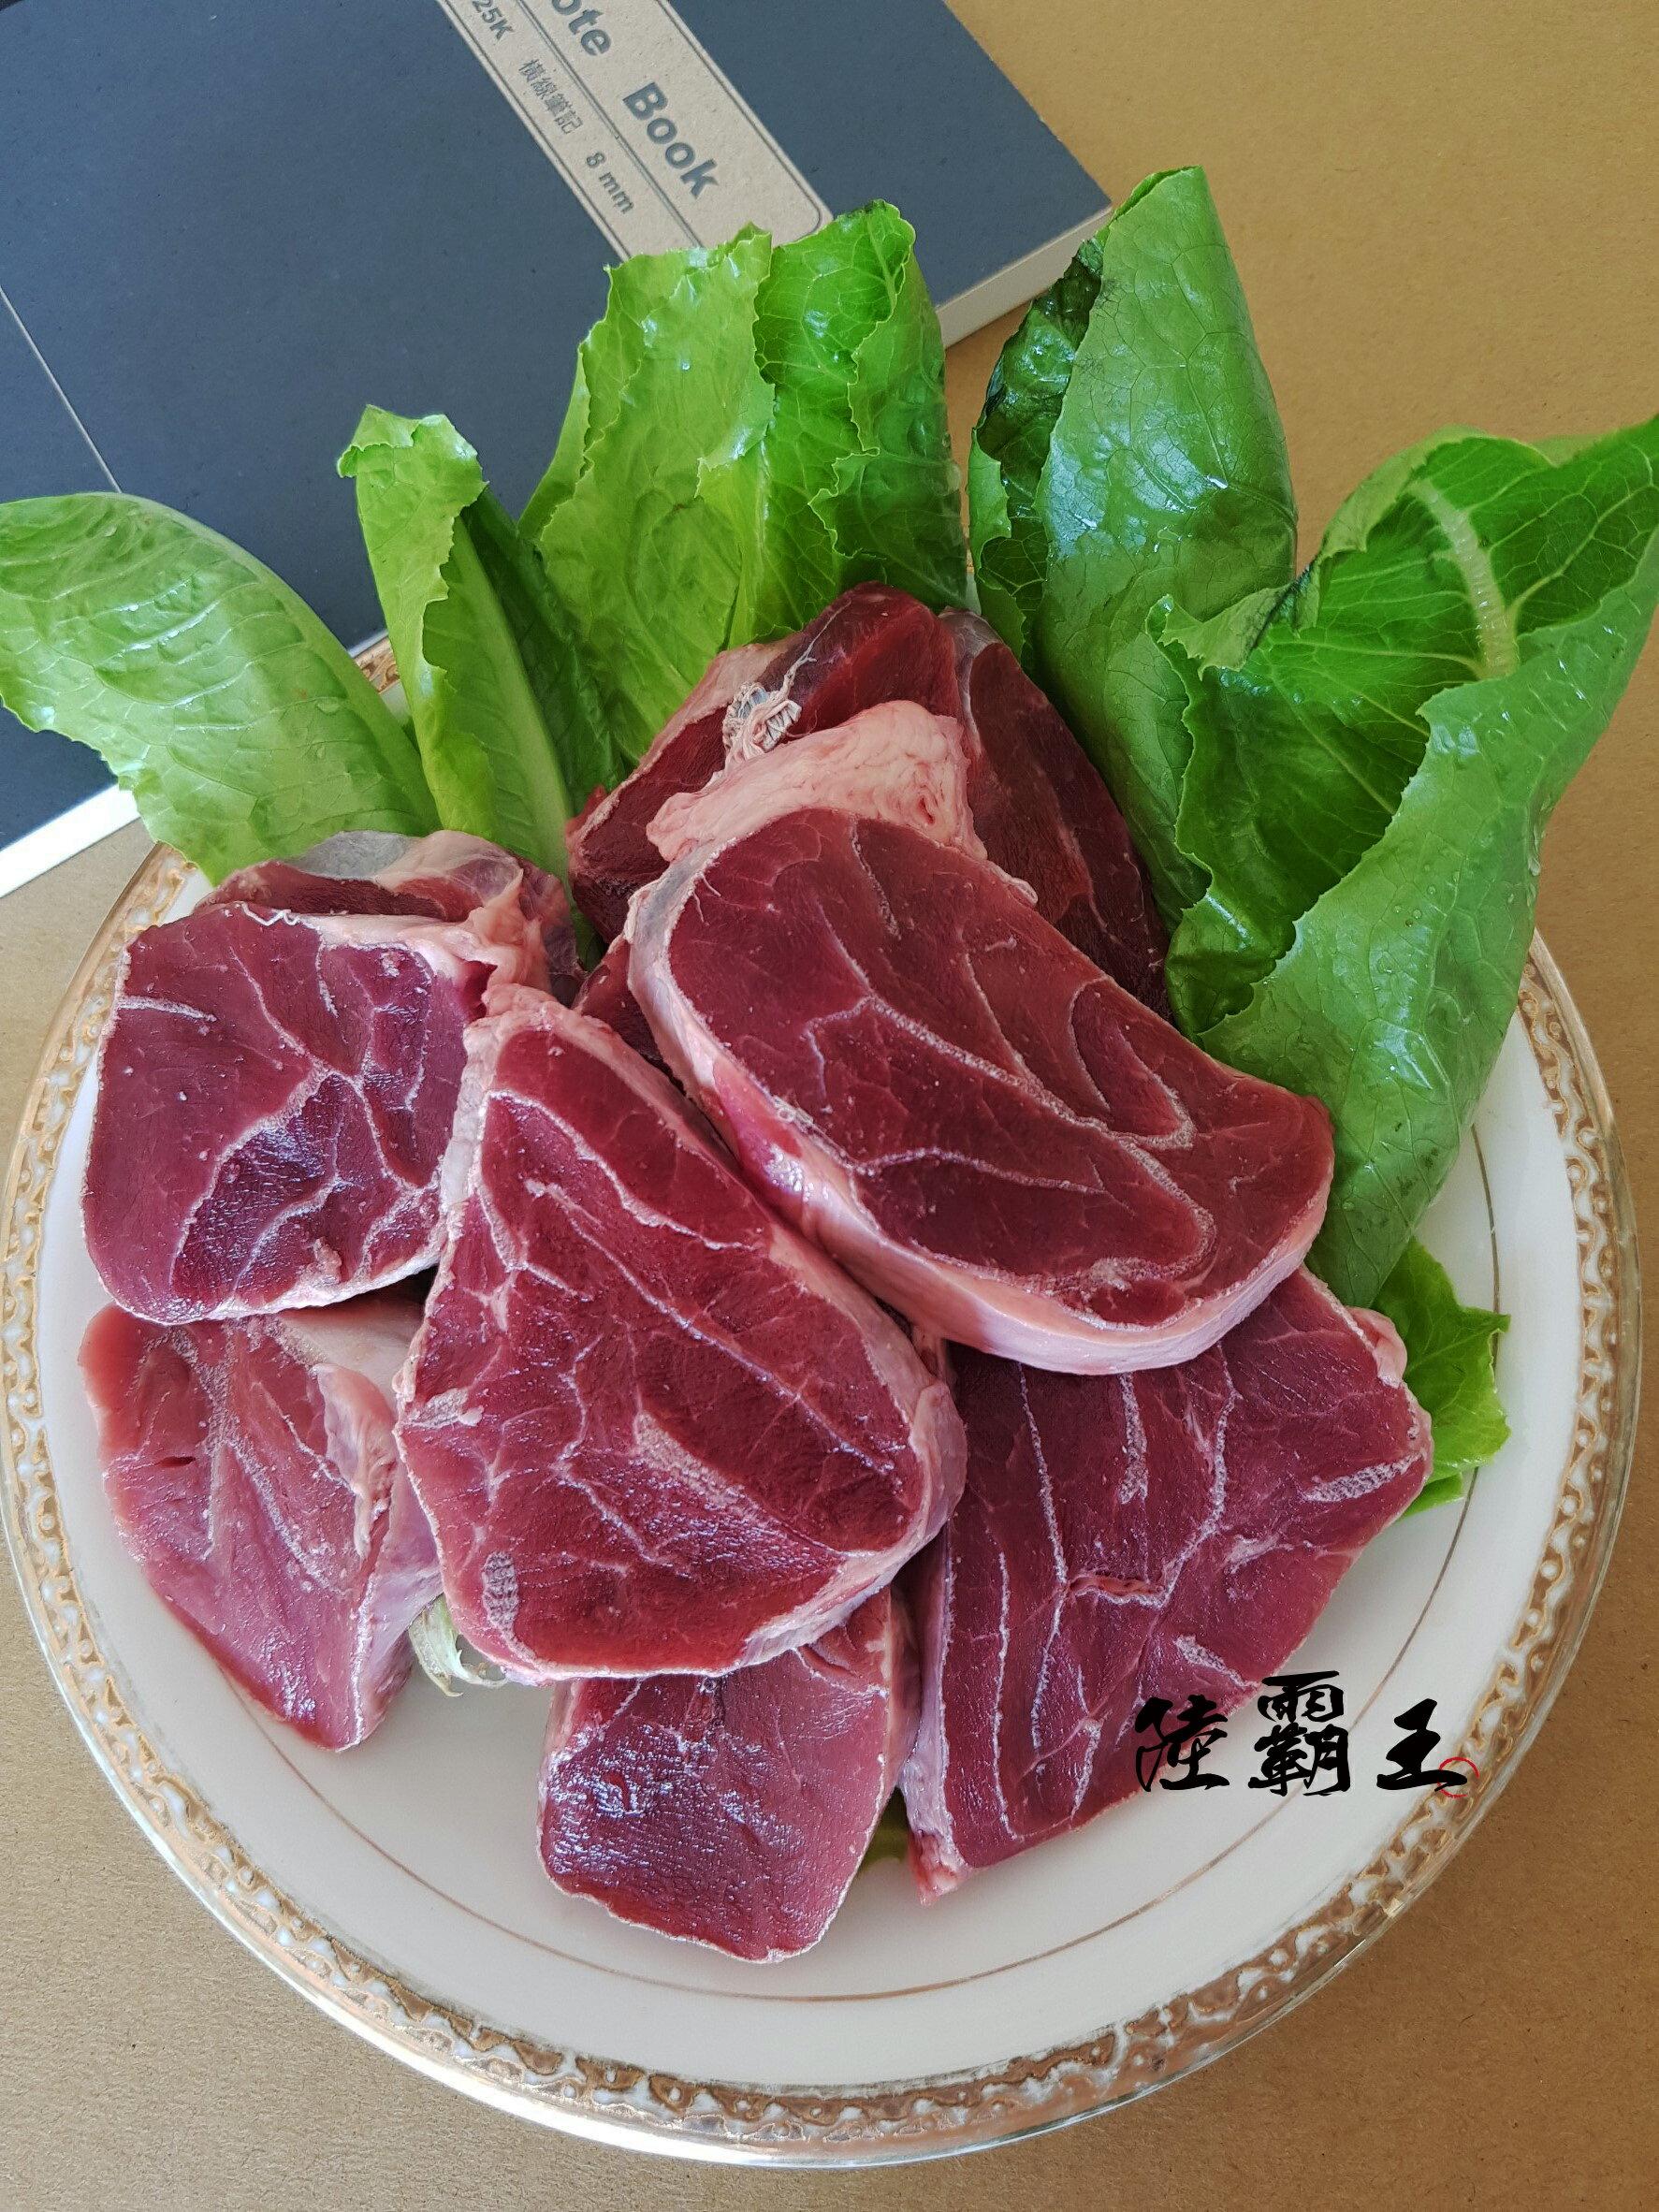 ☆牛腱切片☆頂級澳洲牛肉 450g±10g/包 半筋半肉適合滷.燉.紅燒牛肉專用